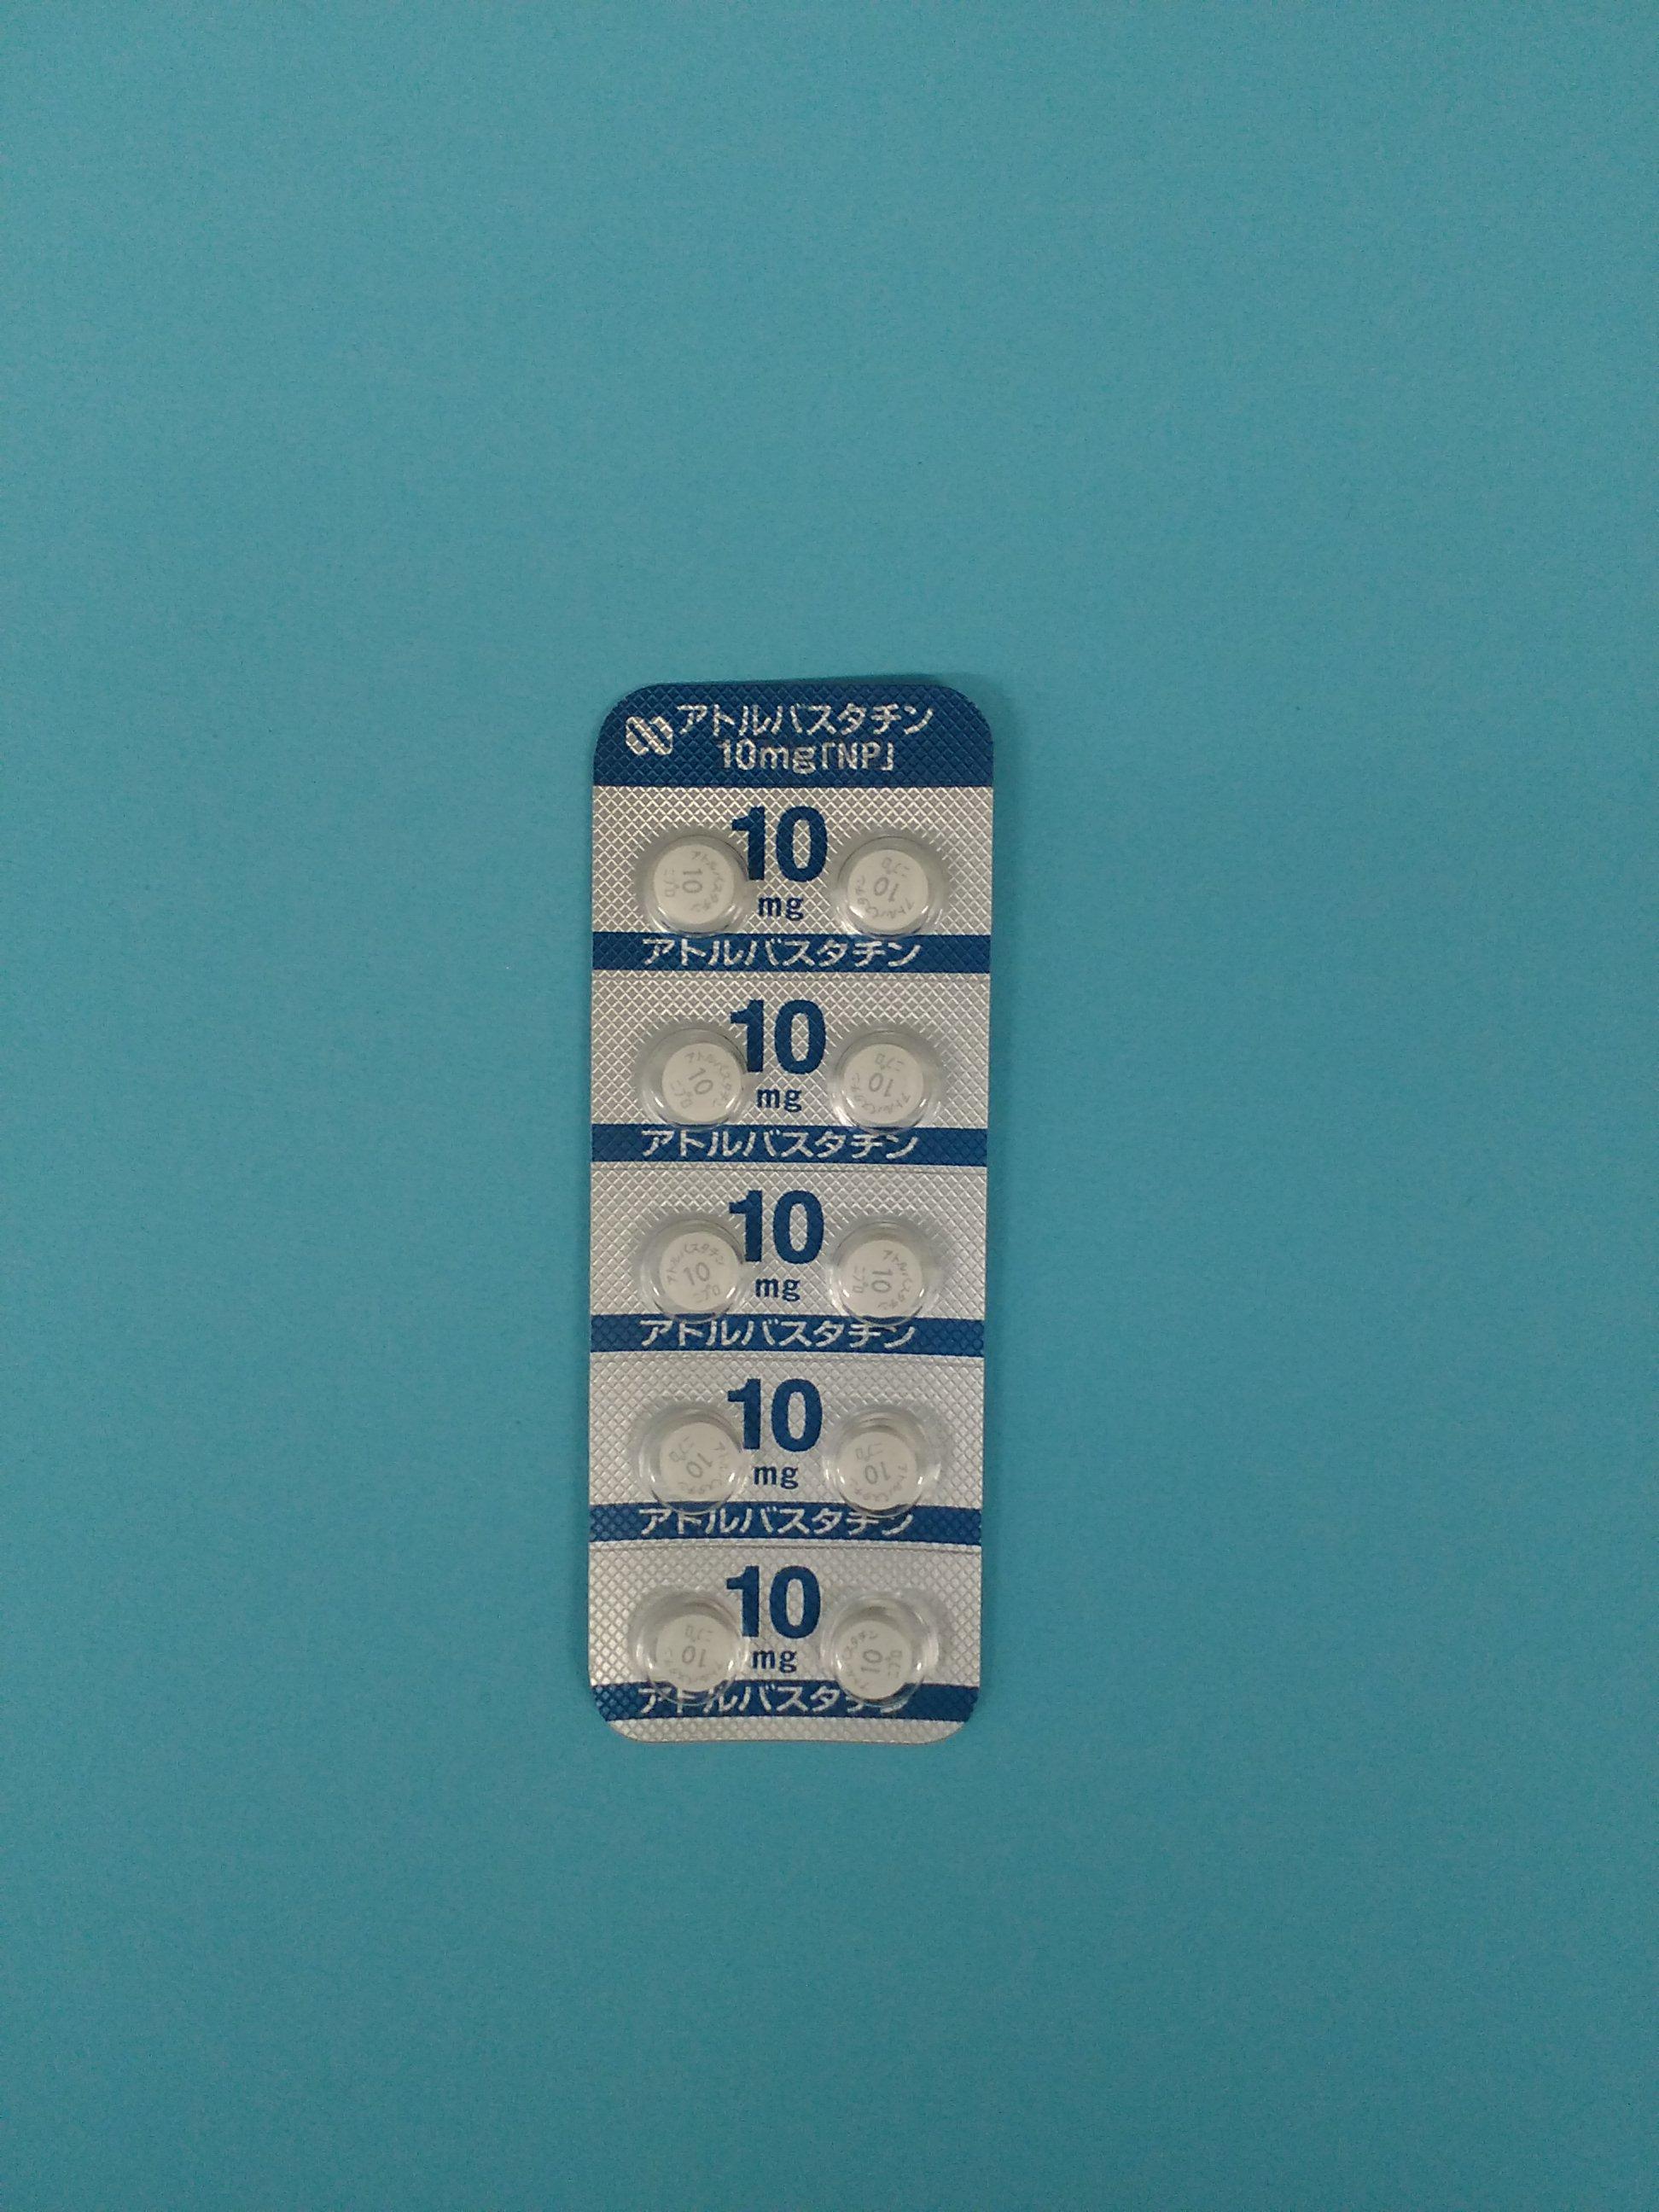 アトルバスタチン錠10㎎「NP」